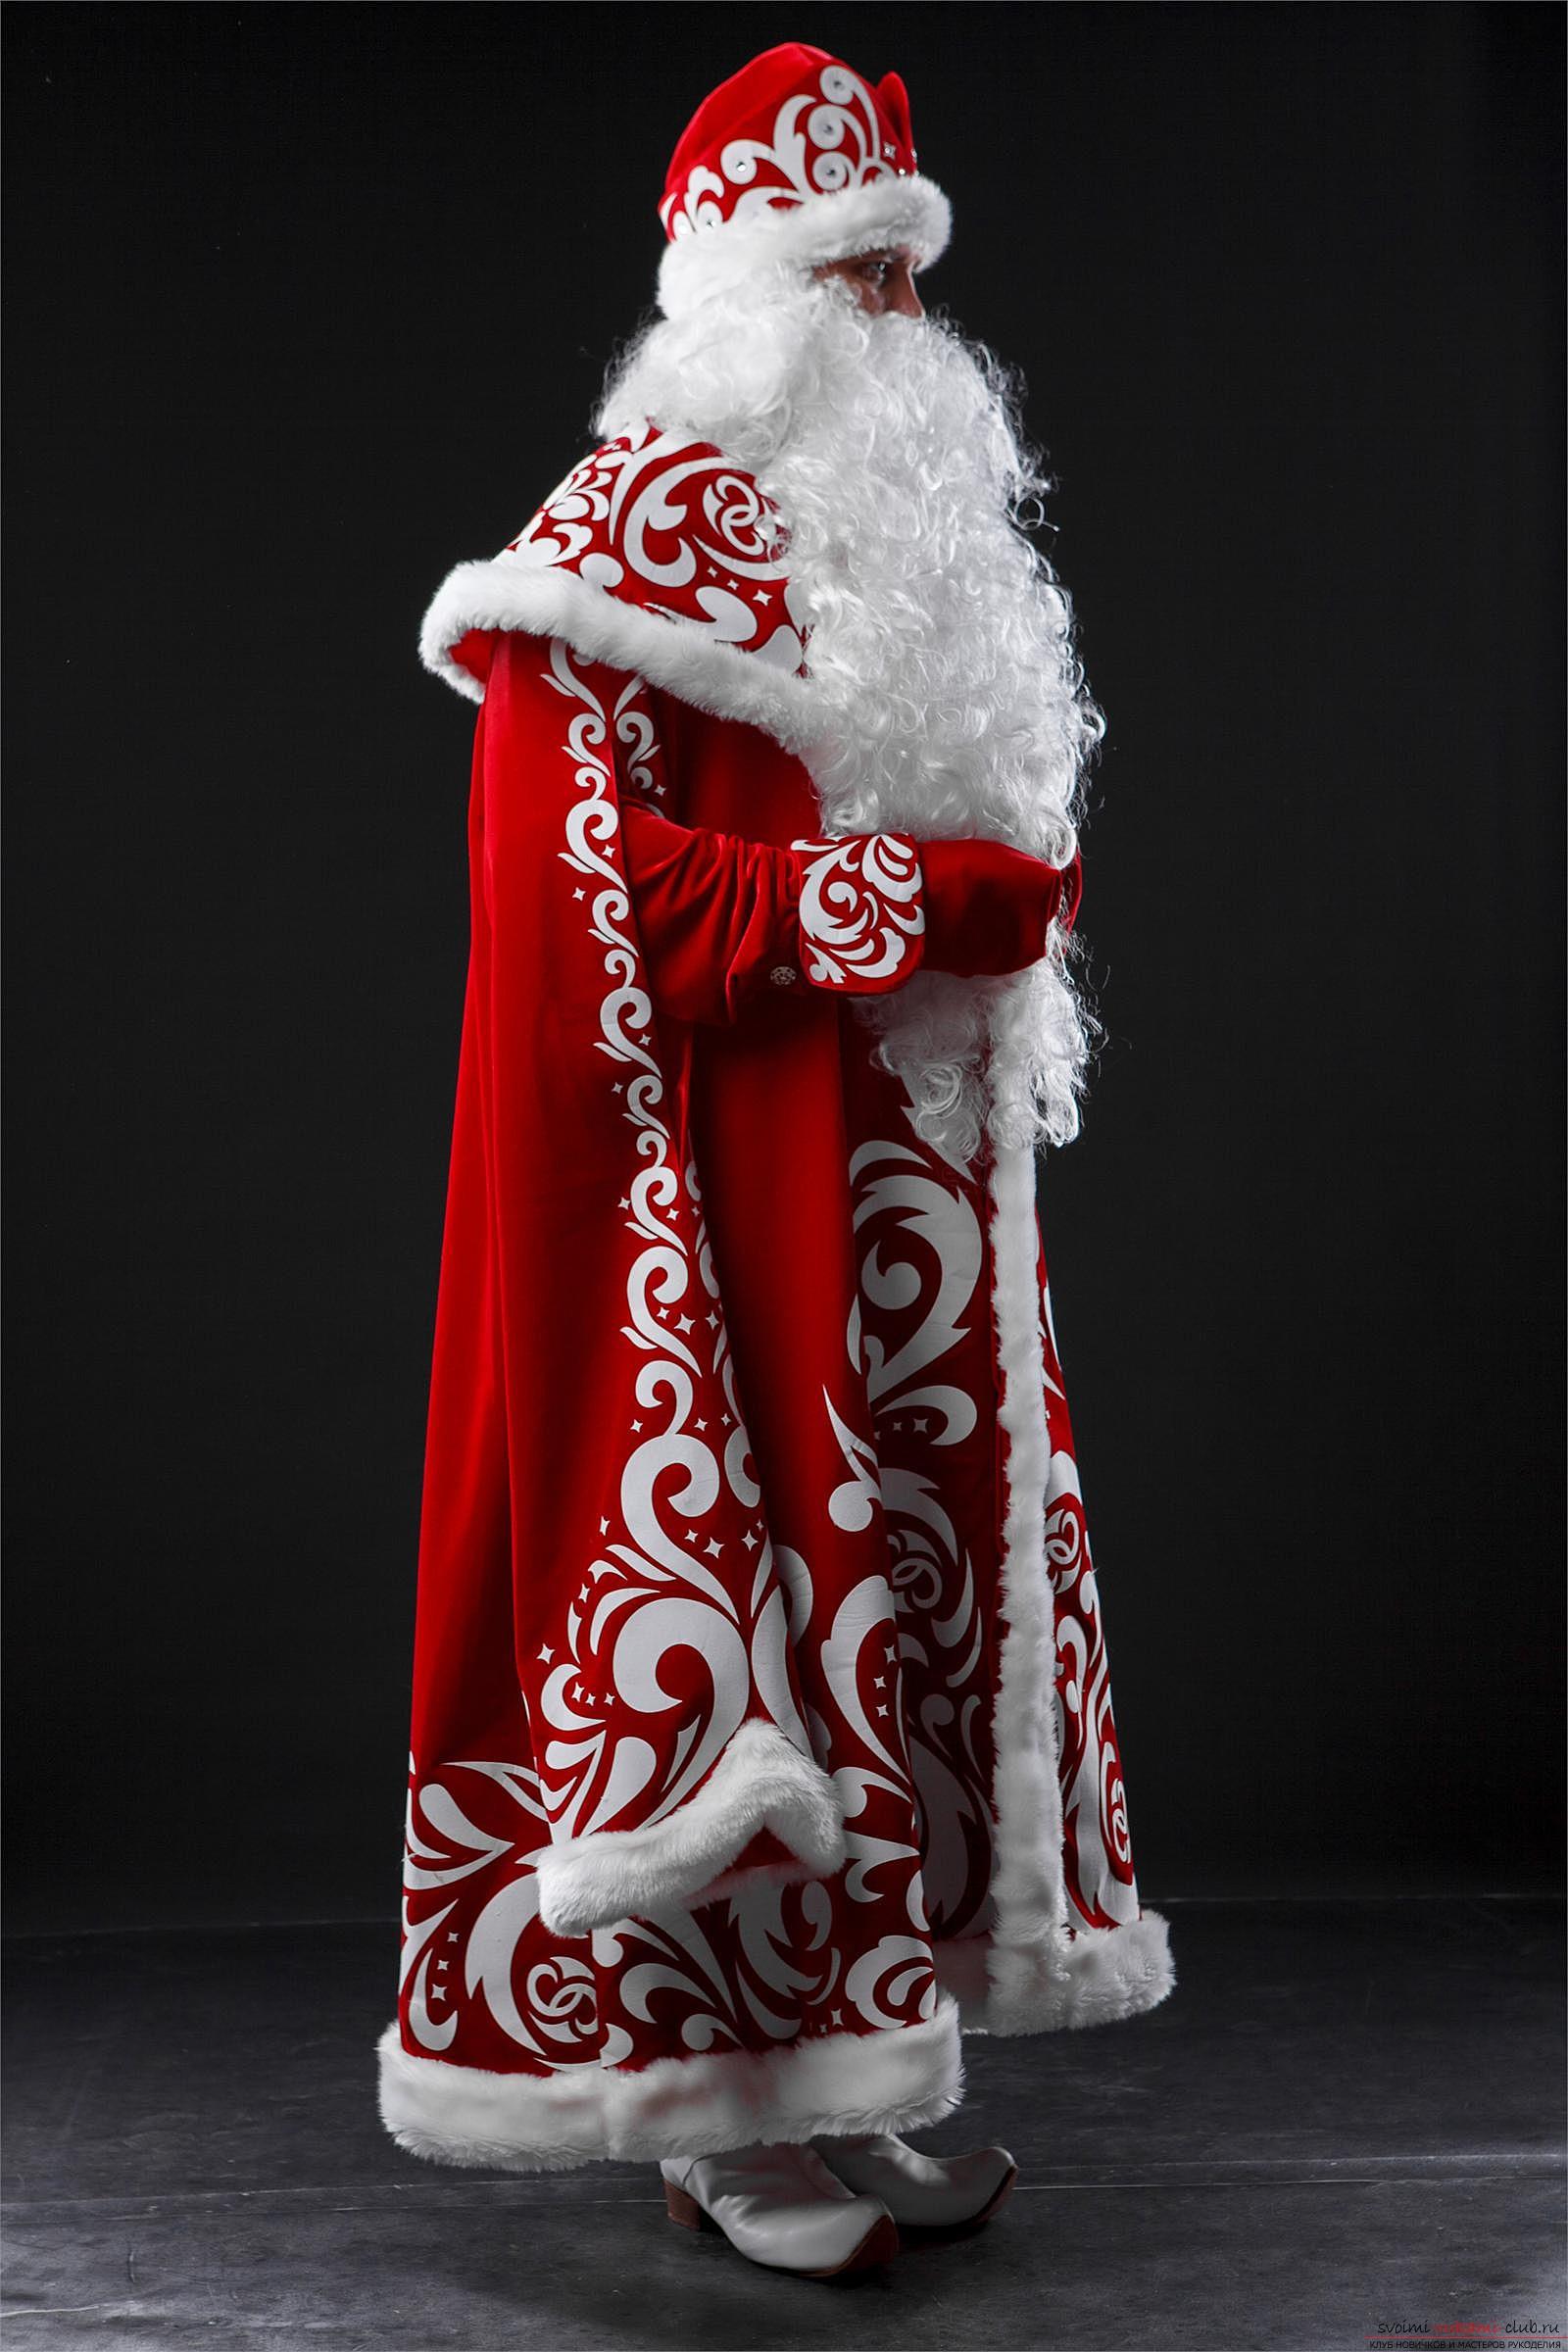 Как сделать костюм деда мороза.</p> </div> <p> Простые советы для работы своими руками и фото.. Фото №3″ width=»600″/></p> <p>Мешок для деда мороза также можно украсить самыми разнообразными элементами.</p> <p> Очень важно, чтобы он по стилистике напоминал <strong>костюм деда мороза.</p> <p></strong> Более того, можно добавить снежные аппликации, <strong>дождик или пушок</strong>, благодаря которым, внешний вид элемента мешка станет совершенно узнаваемым.</p> <p>Костюм деда мороза — это один из самых популярных, тематических костюмов и пожалуй самый известный для нового года.</p> <p> Именно поэтому, стоит воспользоваться полученными знаниями, а также фото-материалами выкройки, благодаря которым вы сможете реализовать собственный костюм деда мороза своими руками, используя свои, полученные знания.</p> <p>Элементы <strong>оформления костюма деда мороза</strong> будут самыми разнообразными, но внешний вид такого характерного персонажа трудно не узнать.</p> <p> Именно поэтому, мы предлагаем только популярные фото-материалы, которые показывают самые интересные костюмы дедов морозов, популярных в мире.</p> <p> Если хотите разнообразия — можно оформить <strong>костюм санта-клауса</strong>, который незначительно о<strong>тличается от своего русского аналога.</strong></p> </div> <div class=